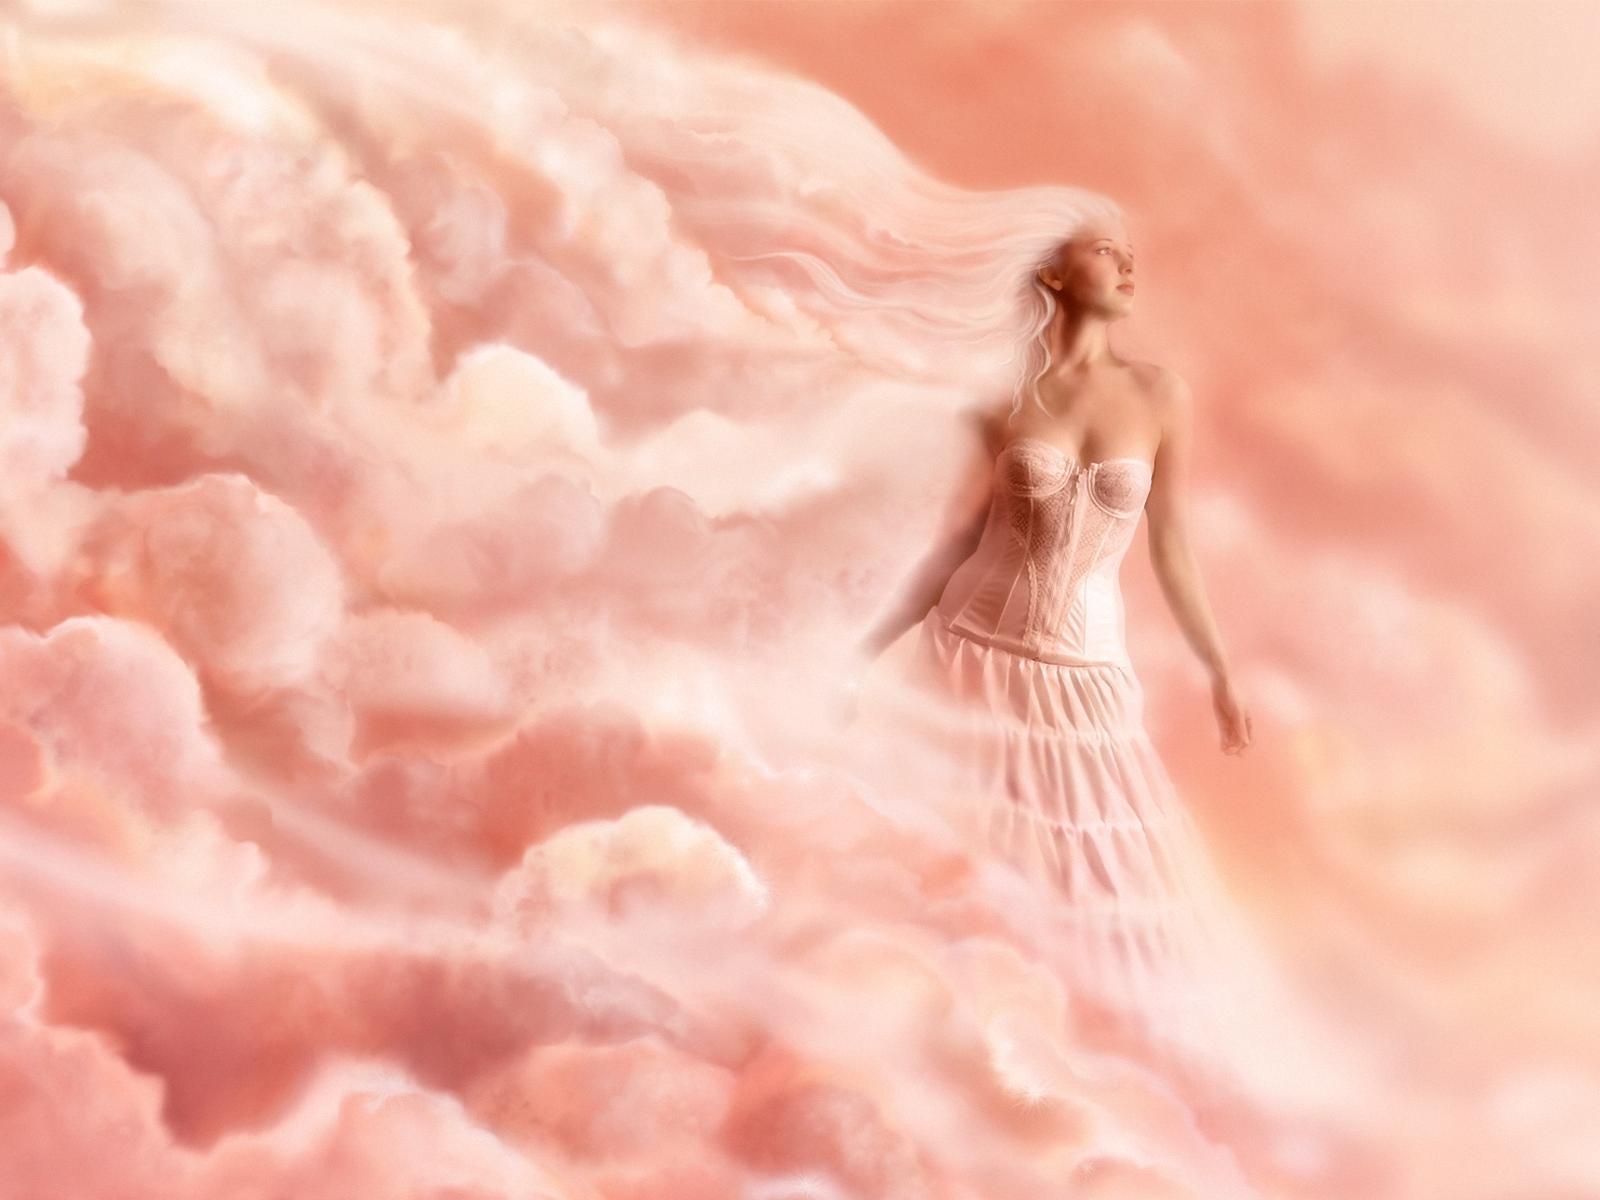 женщина в облаках, обои для рабочего стола, розовые облака